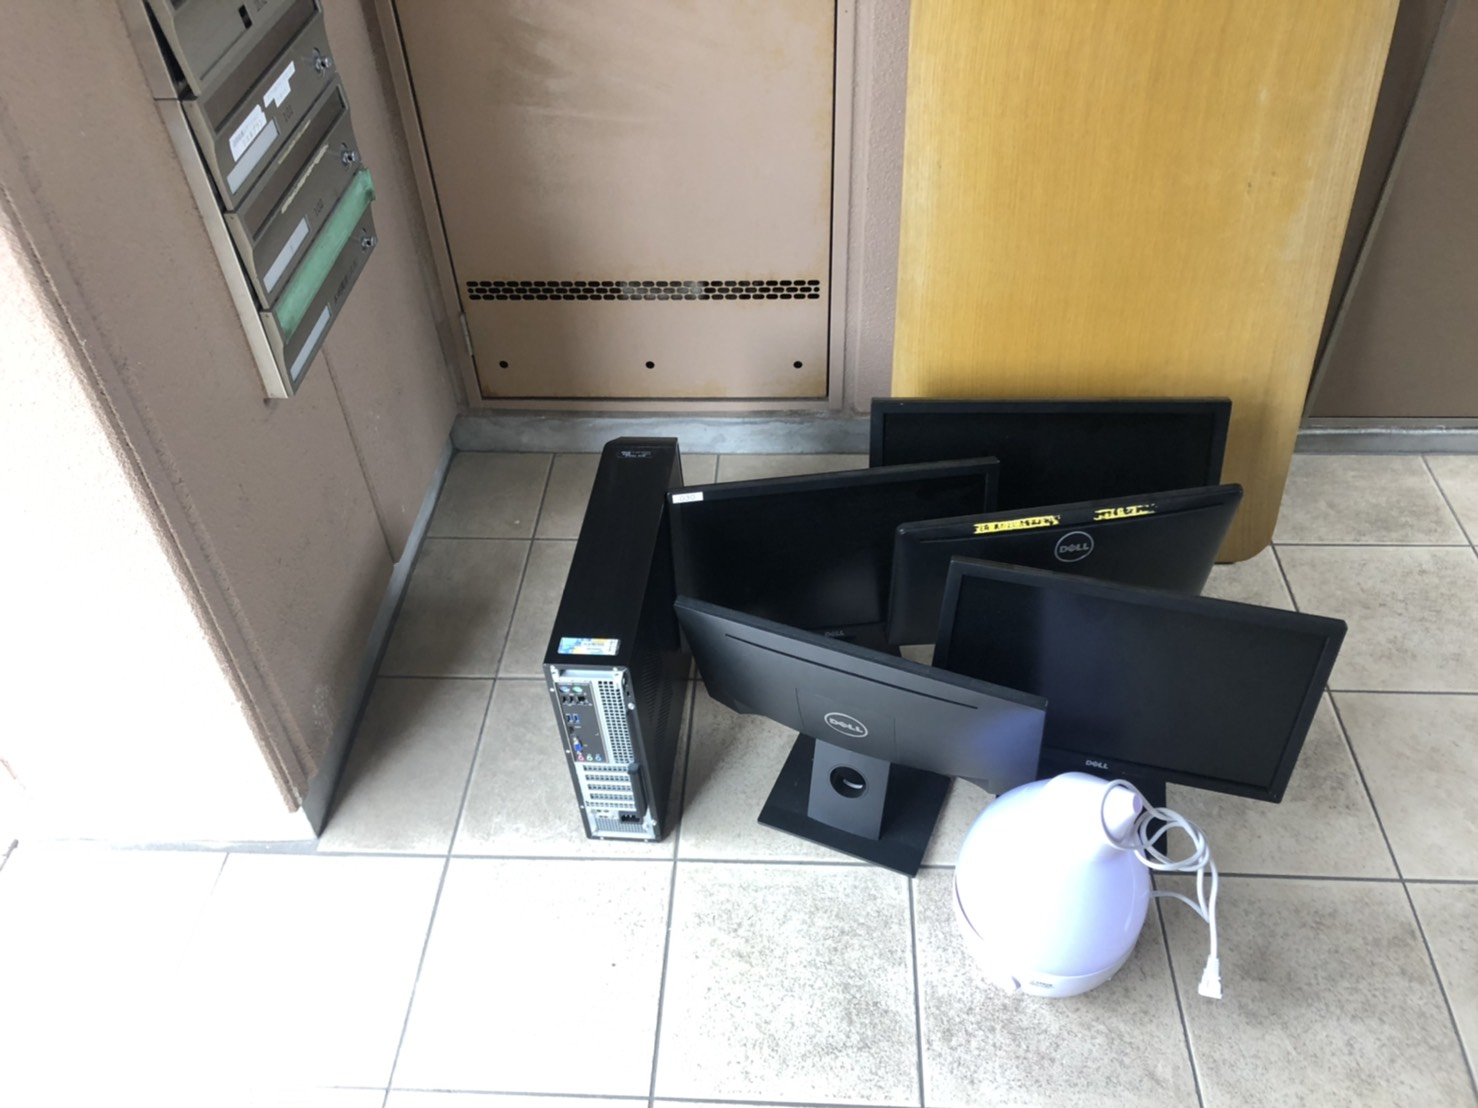 テレビ、加湿器の回収前